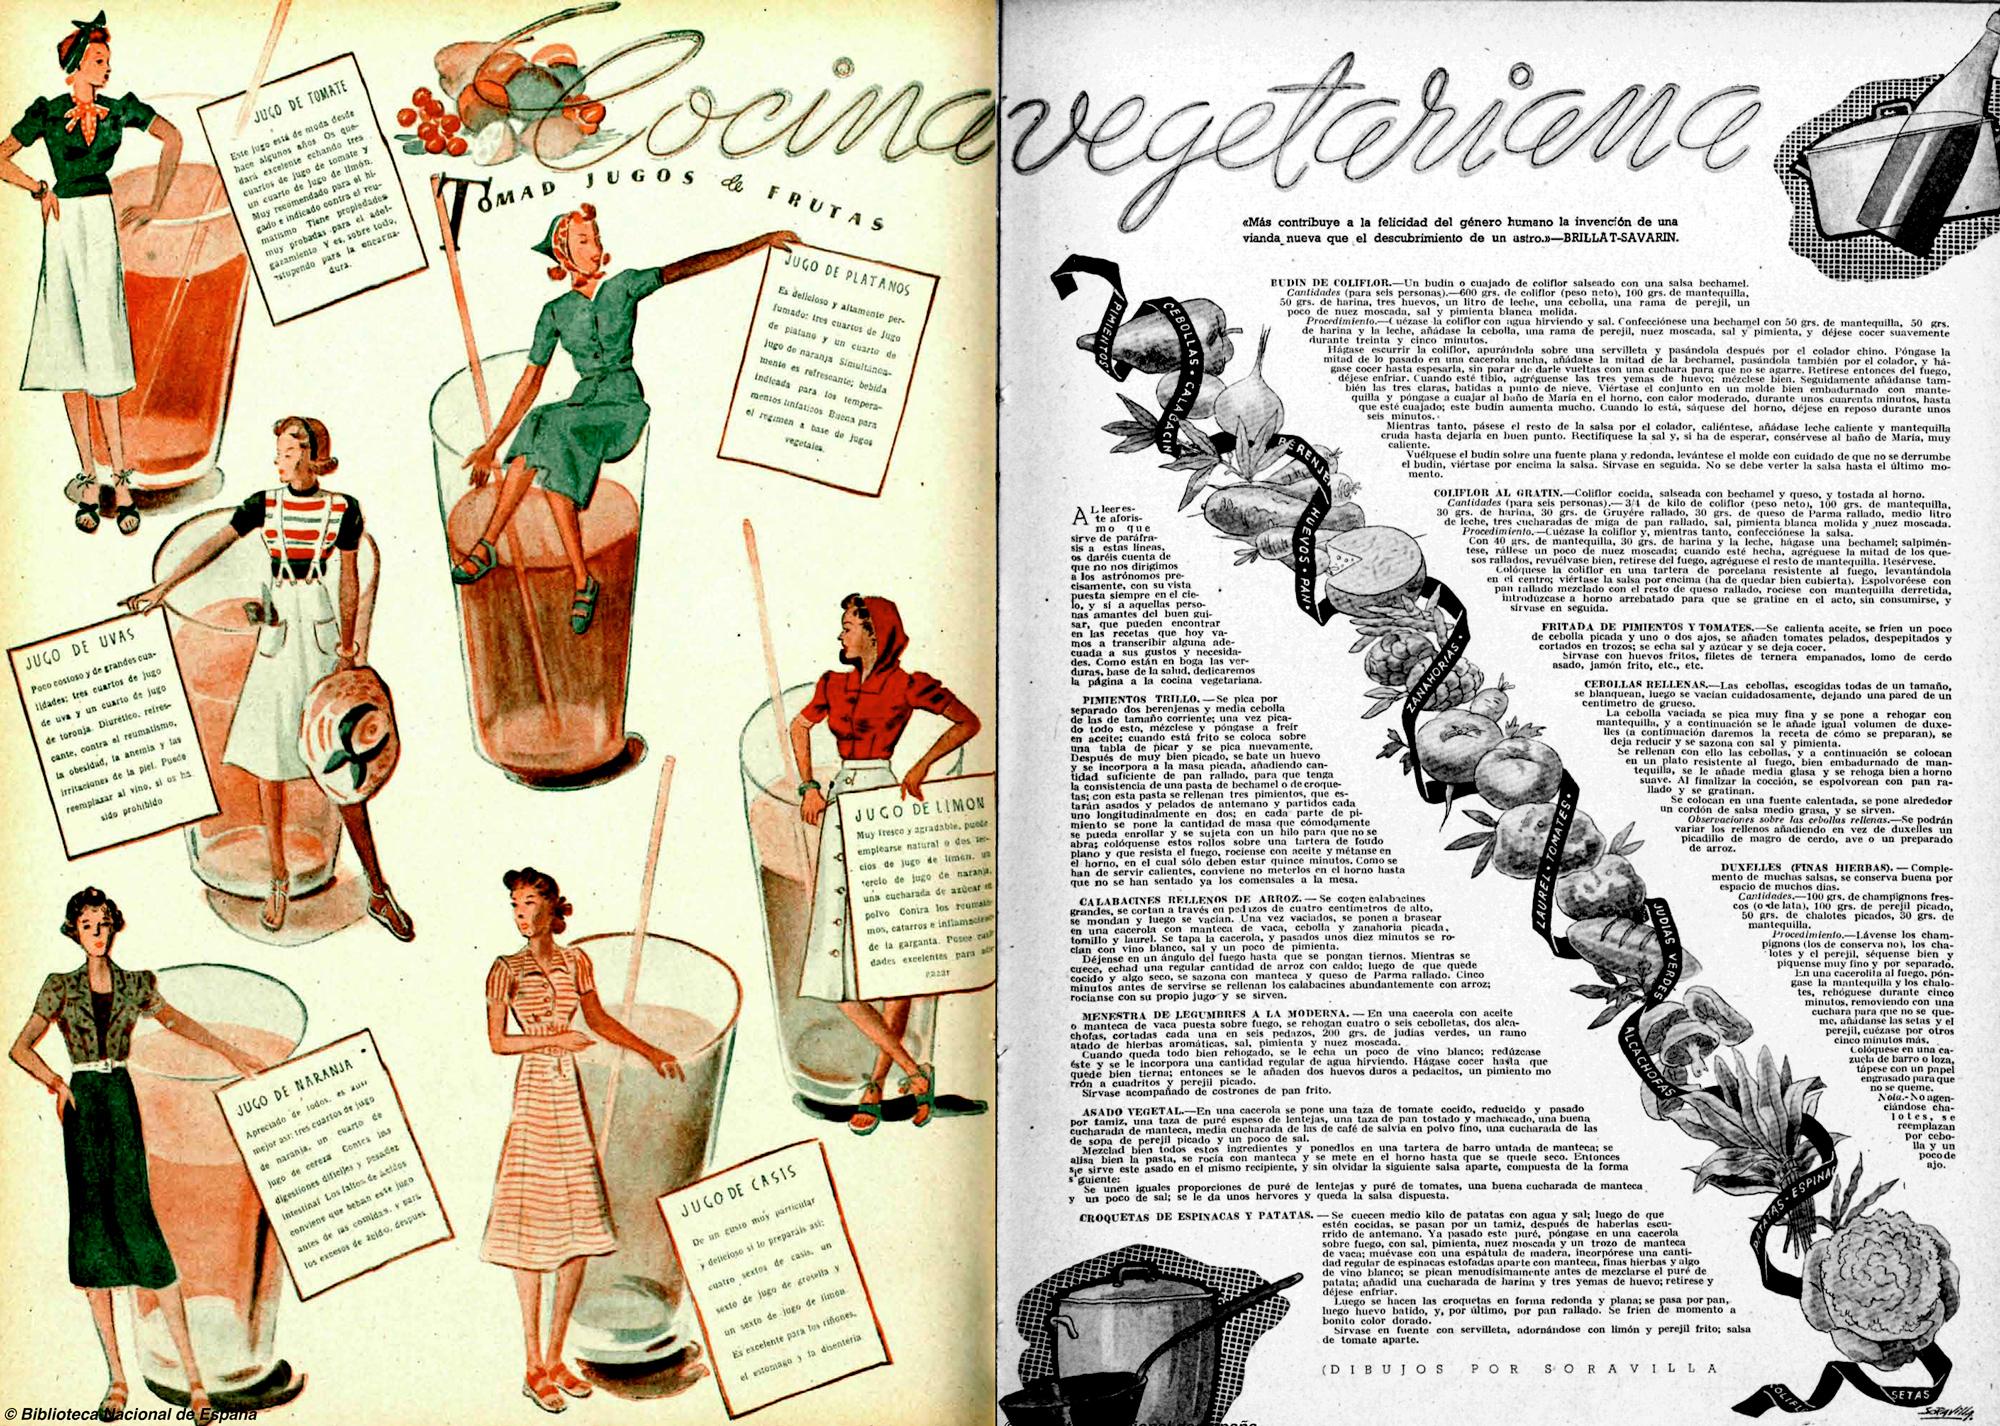 Y,jul-1941cocinavegetariana